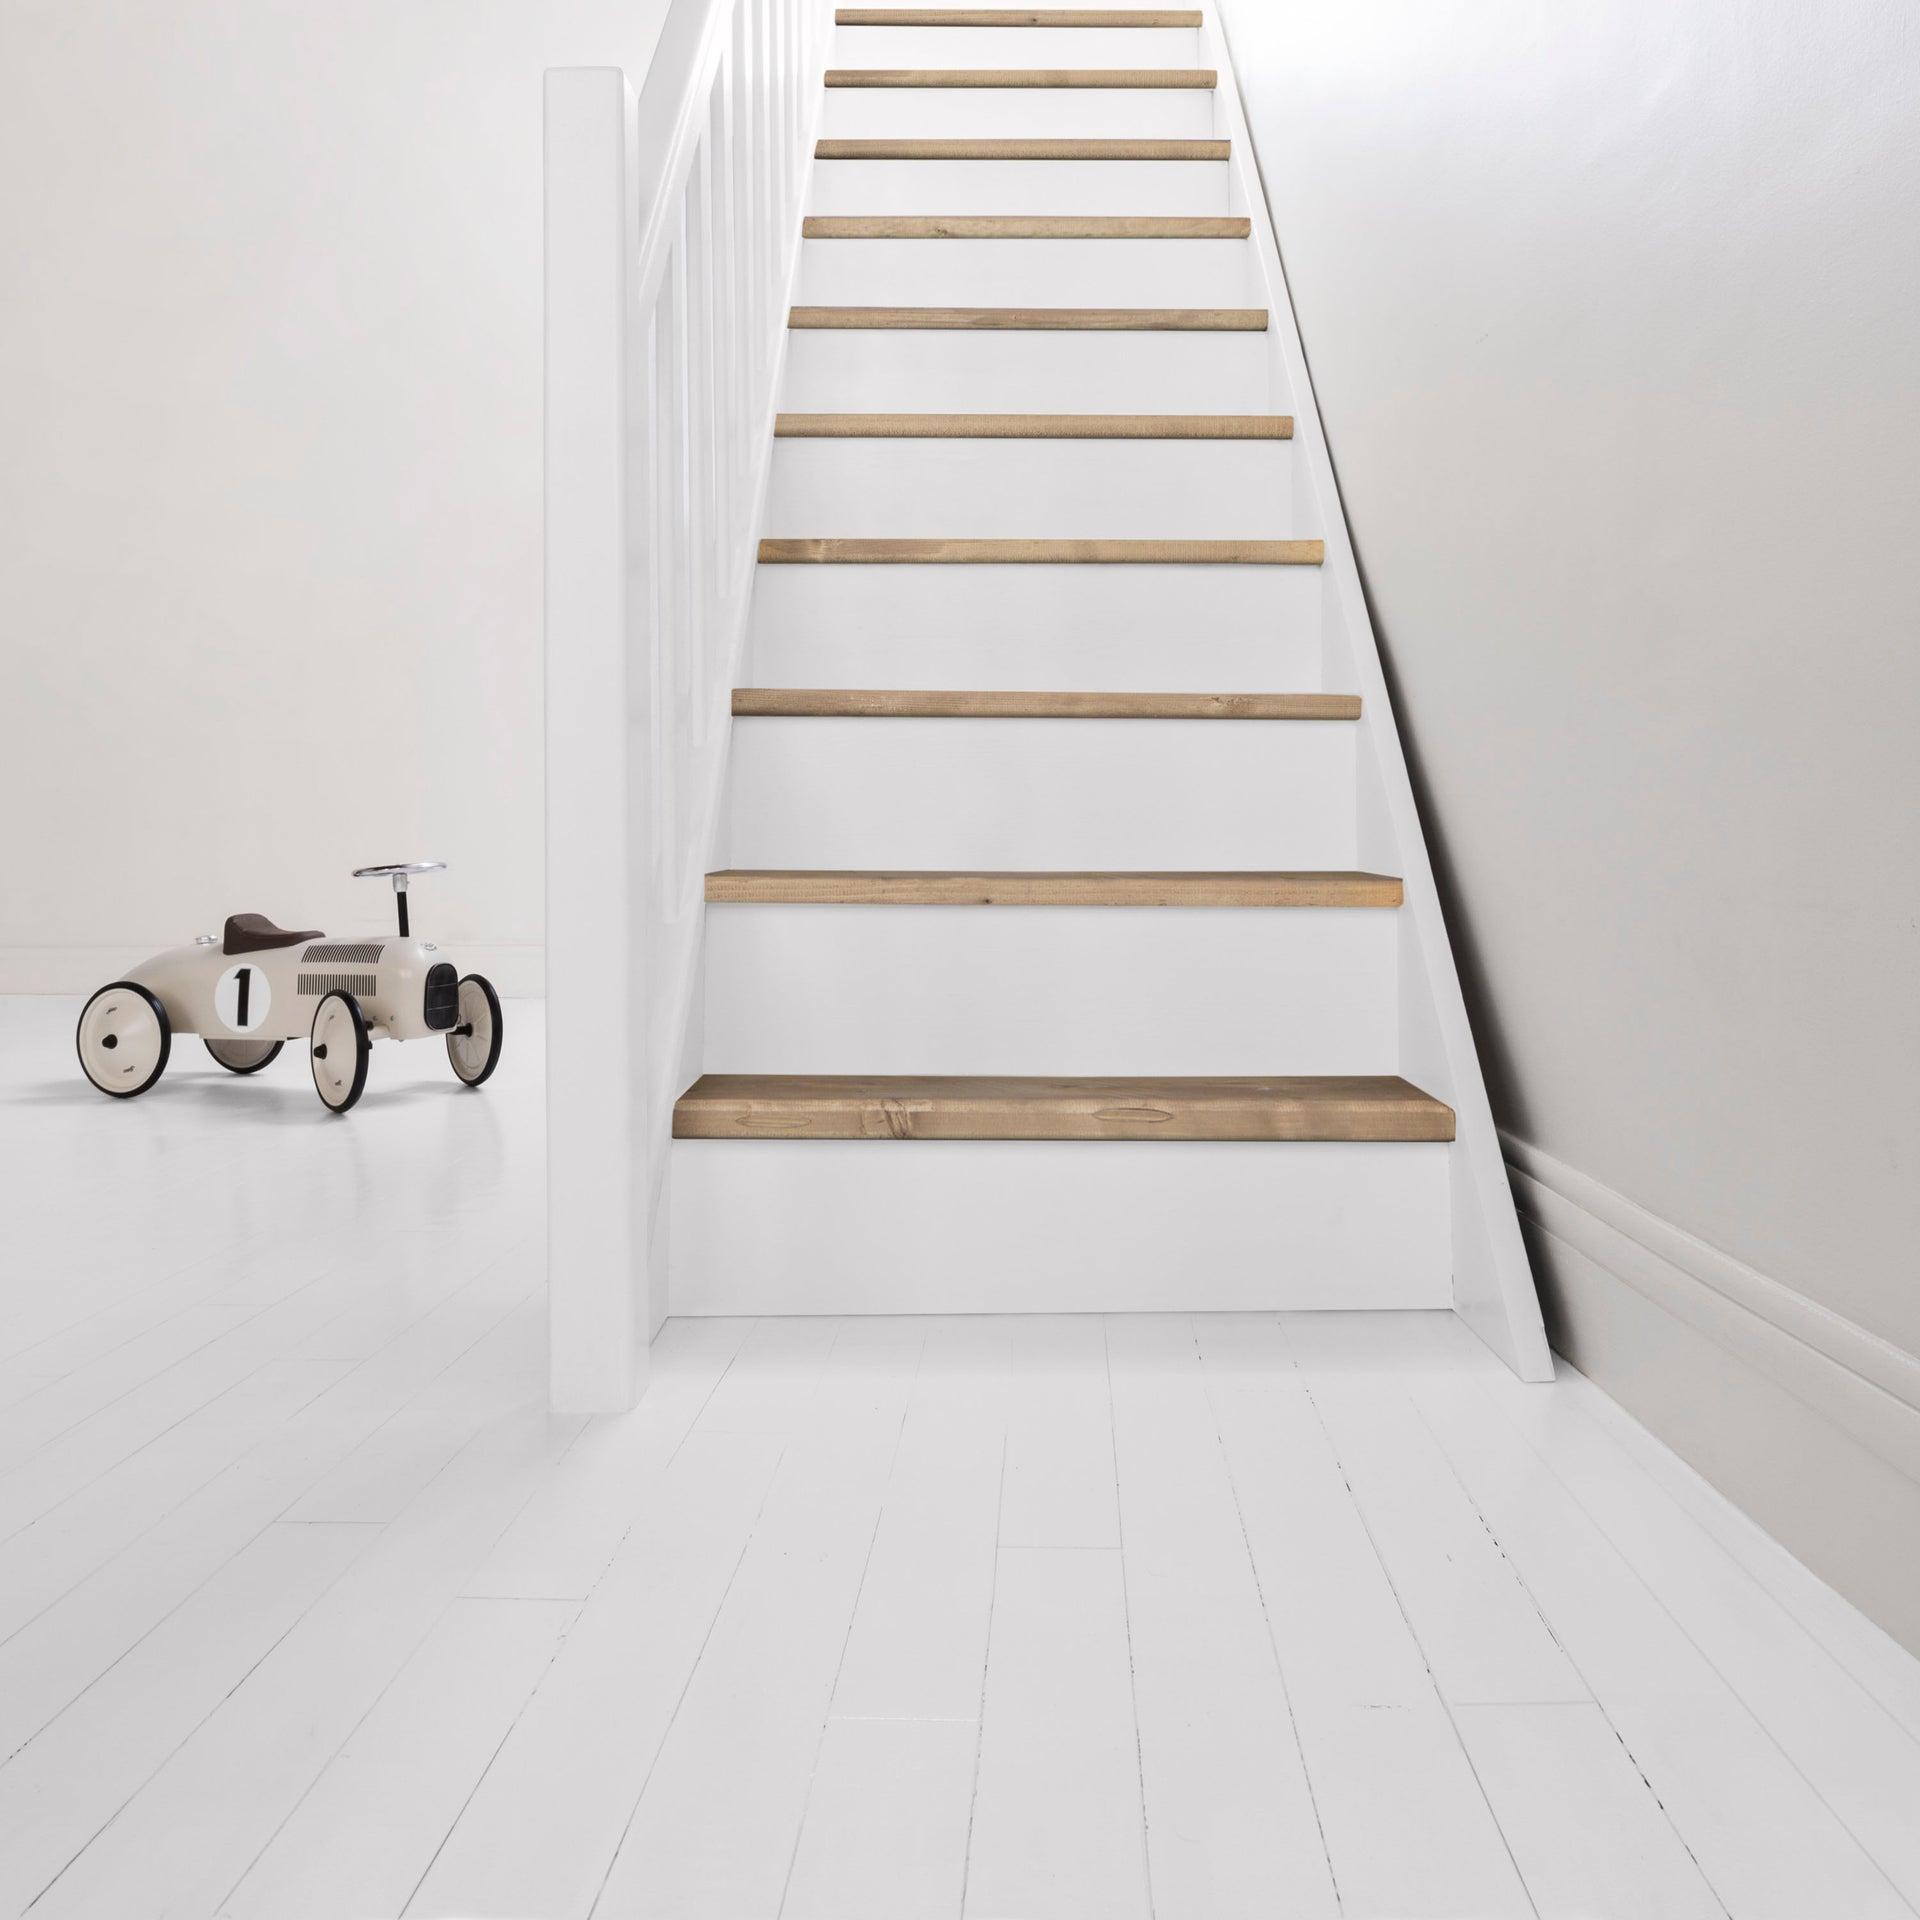 Peinture sol intérieur Parquet escalier décolab® V10, blanc, 10.10 l